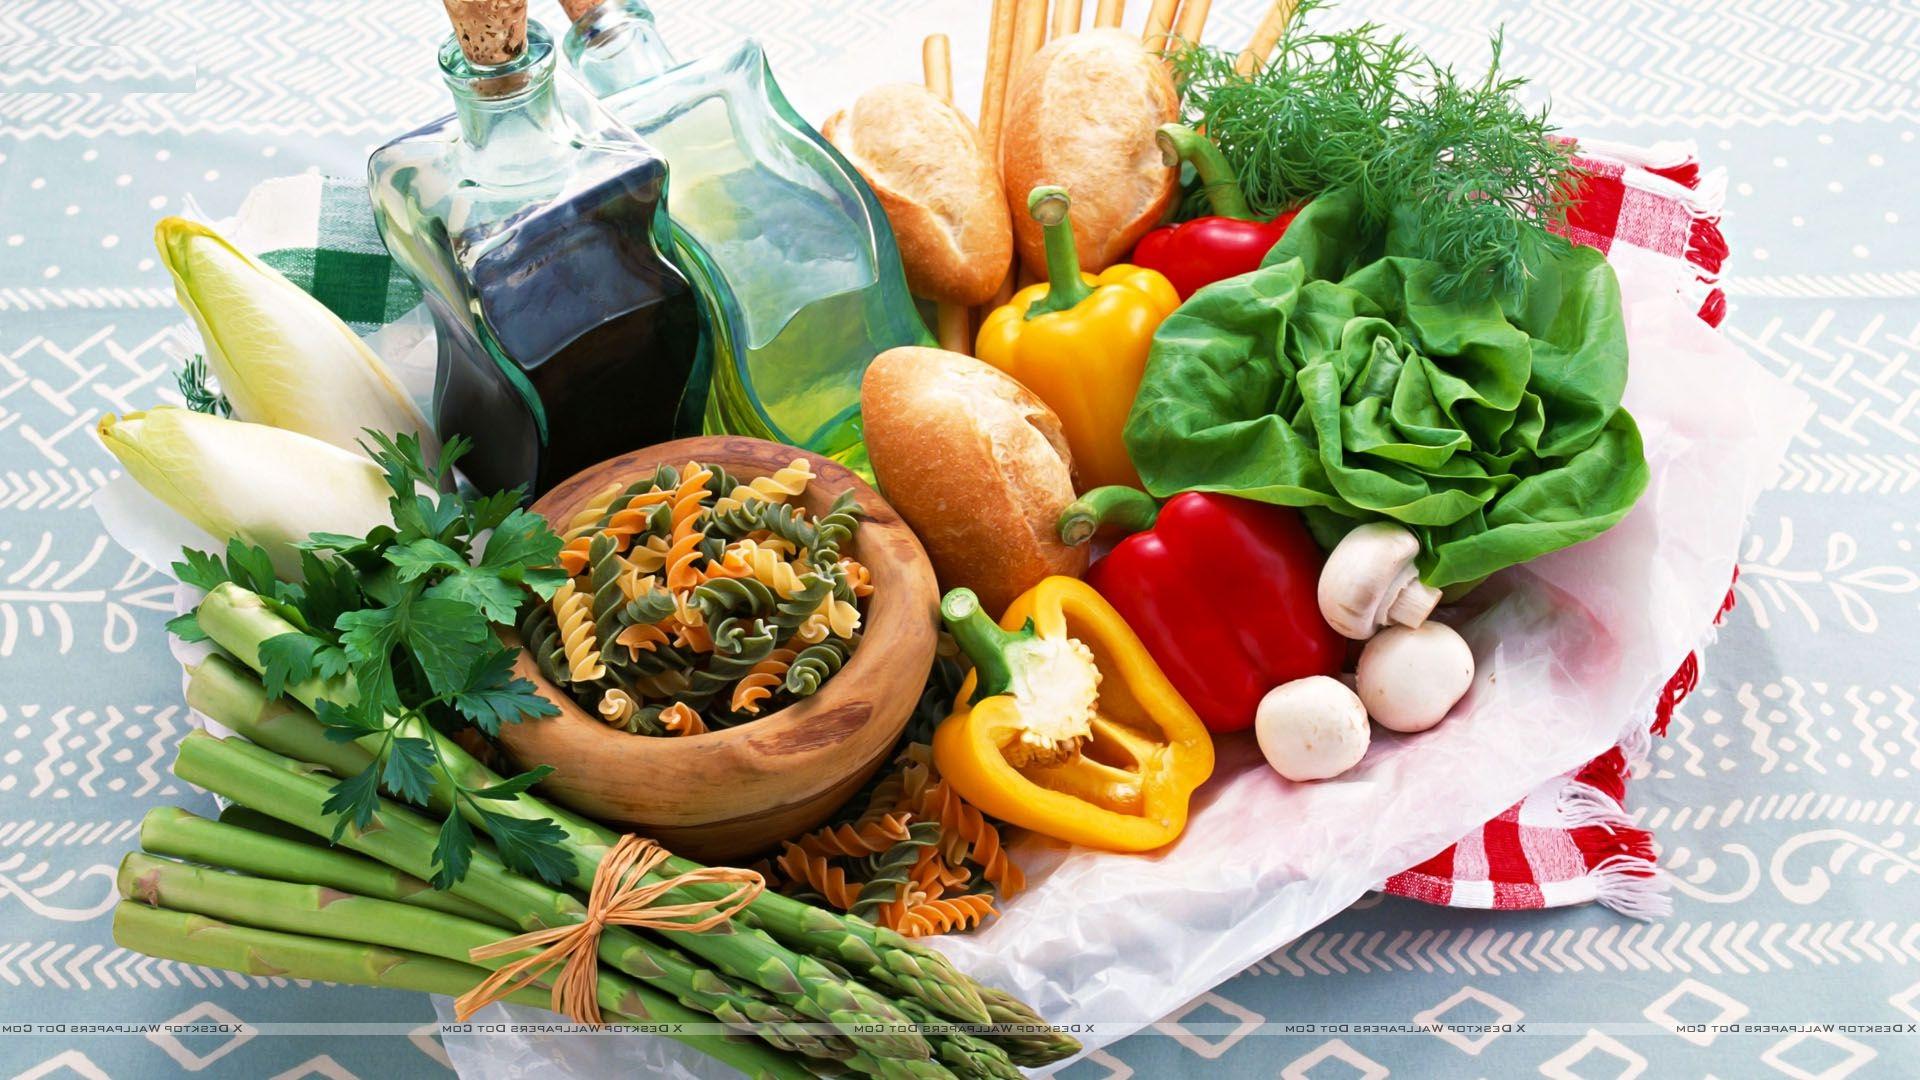 Vegetables Desktop Wallpaper Download Desktop Wallpaper 1920x1080